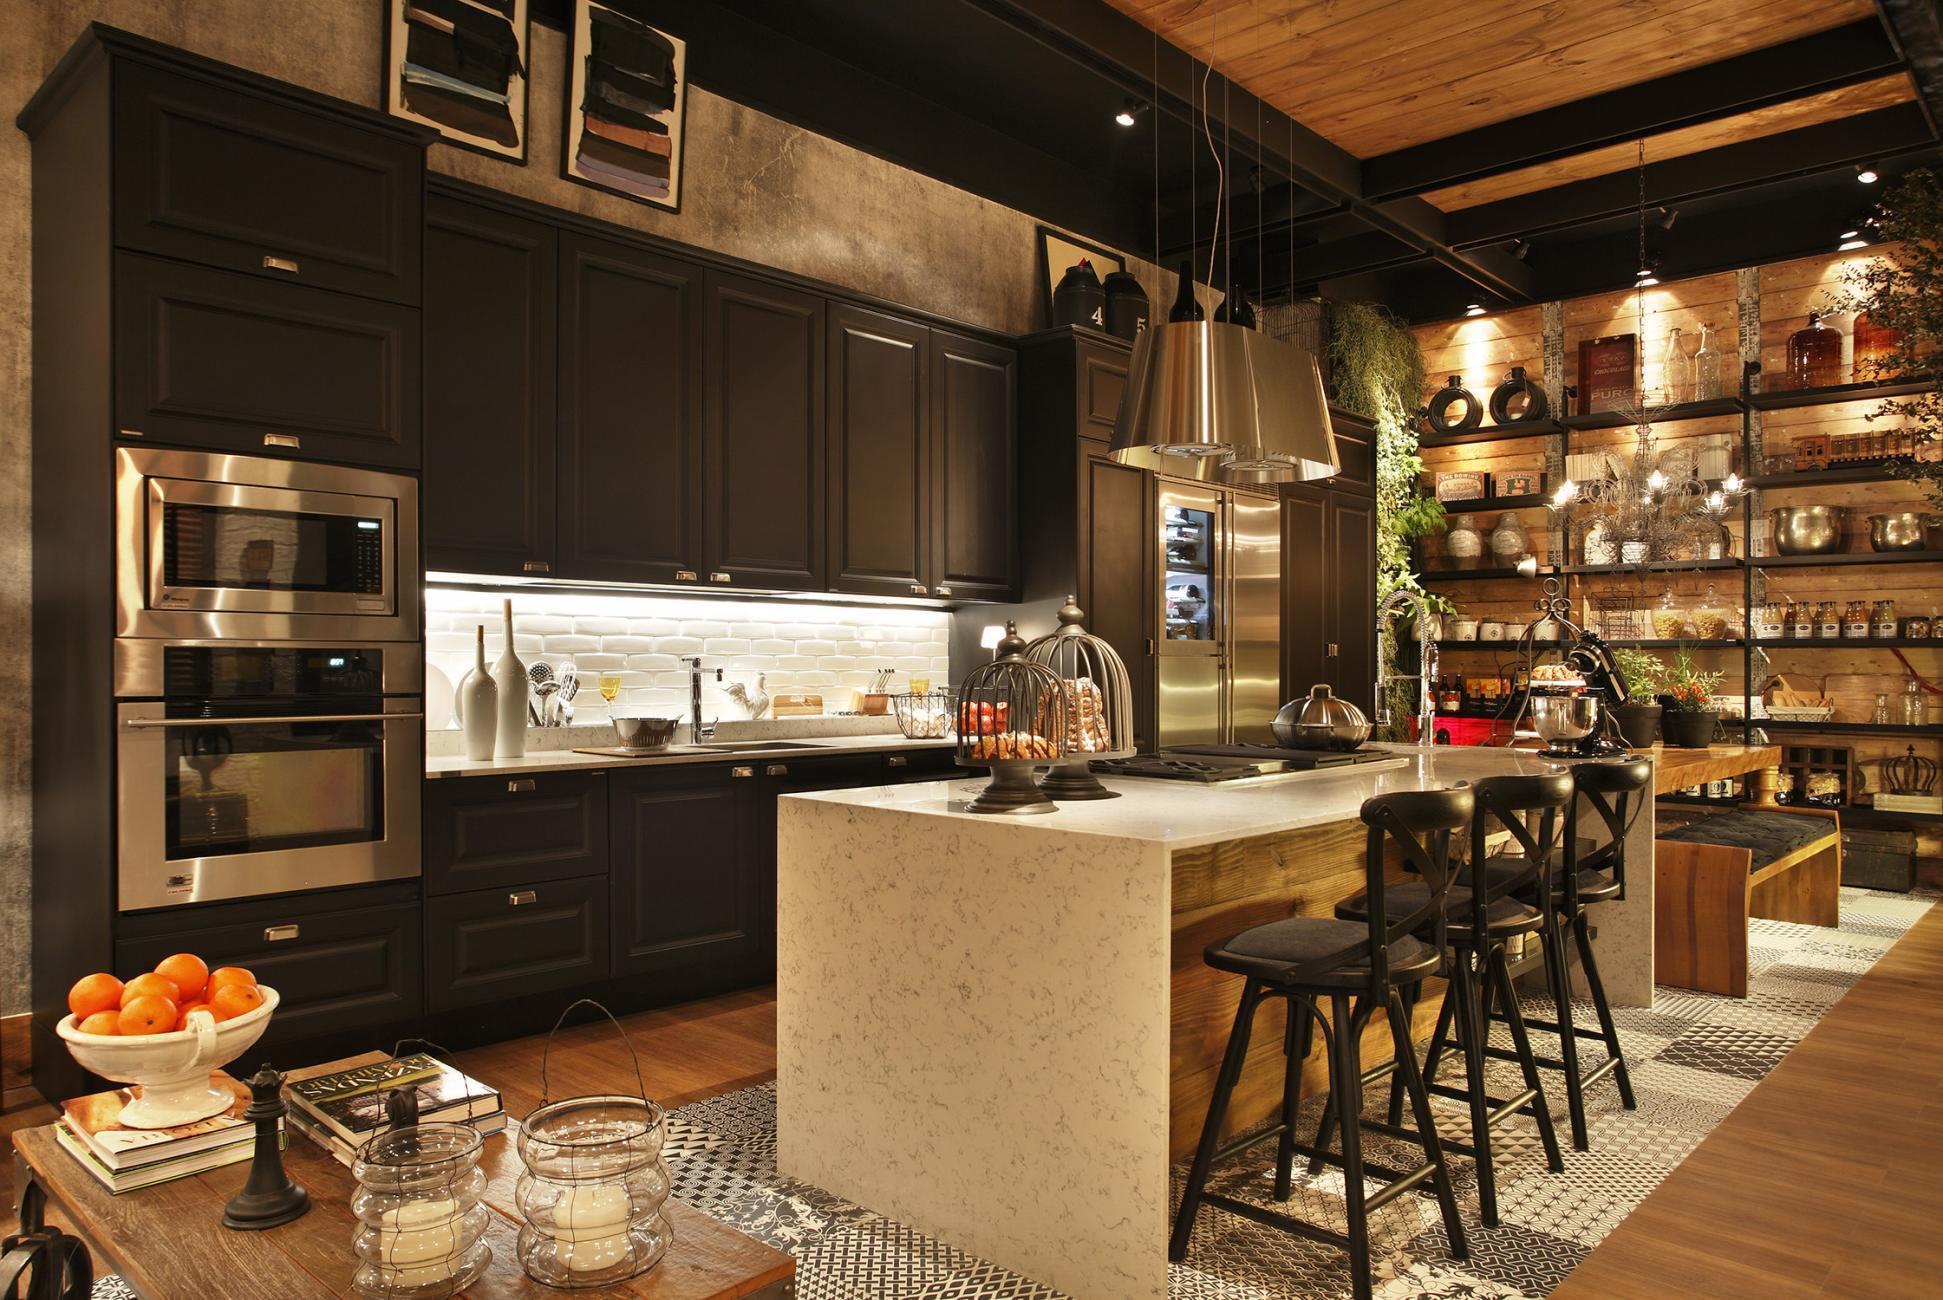 Cozinha gourmet com decoração preta